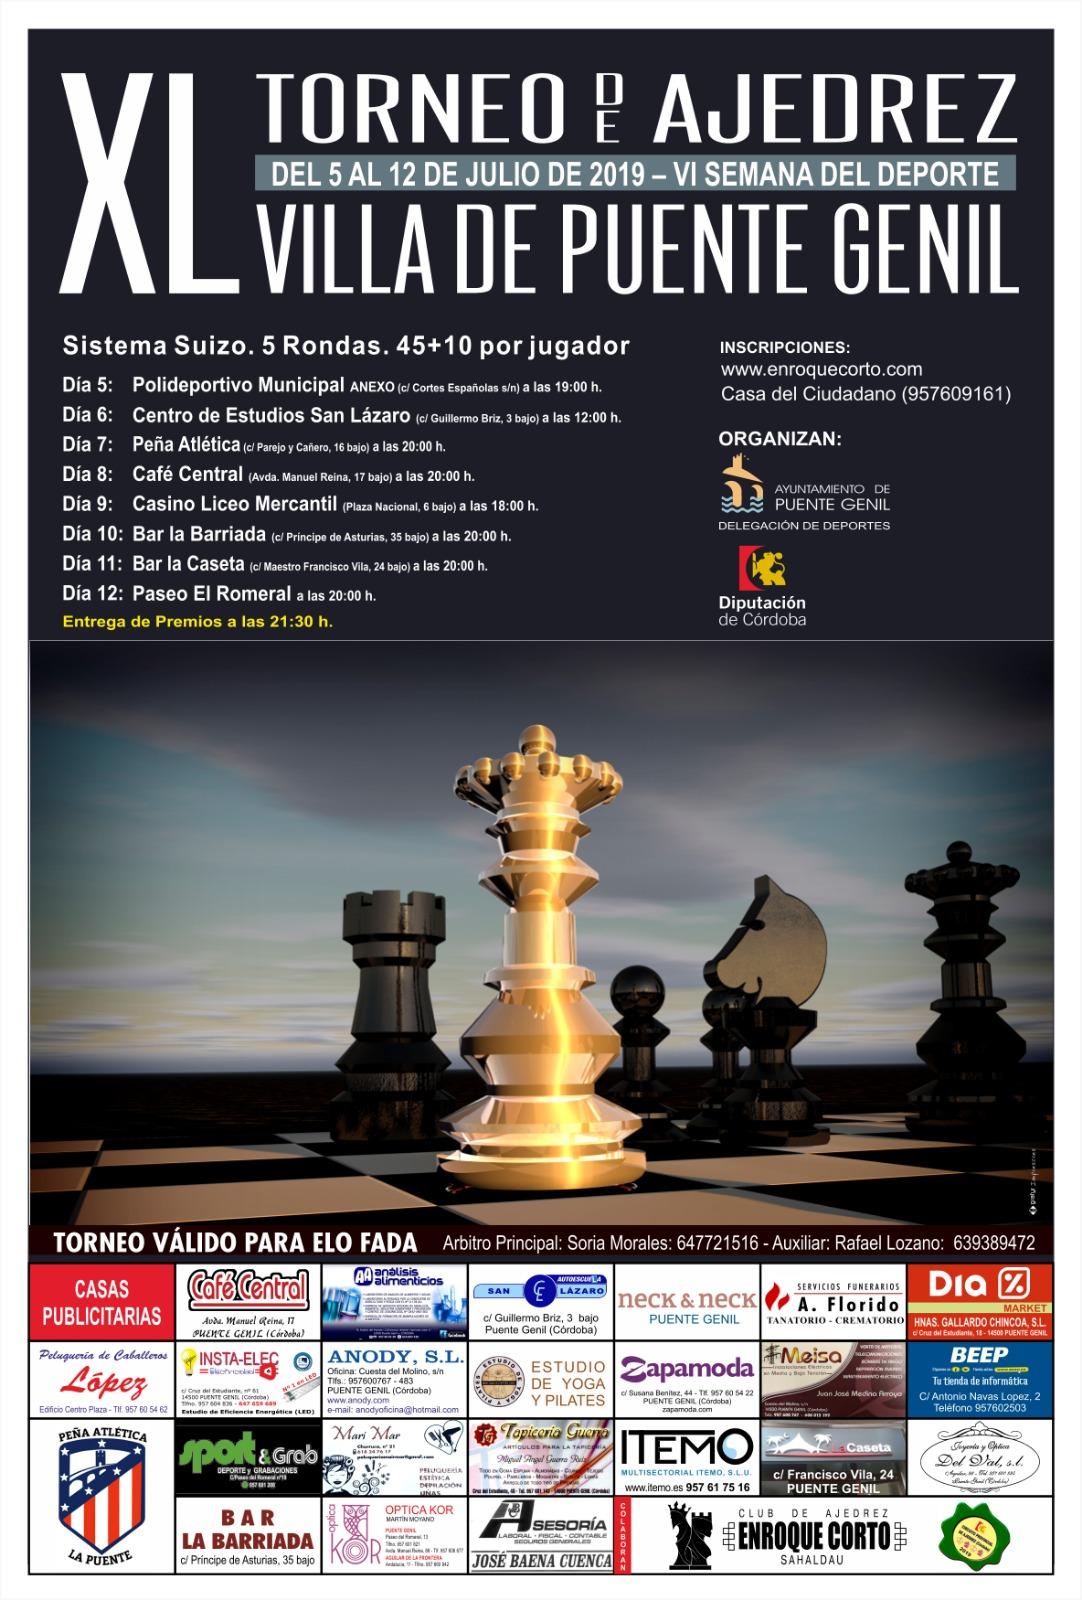 Torneo de Ajedrez Villa de Puente Genil 2019